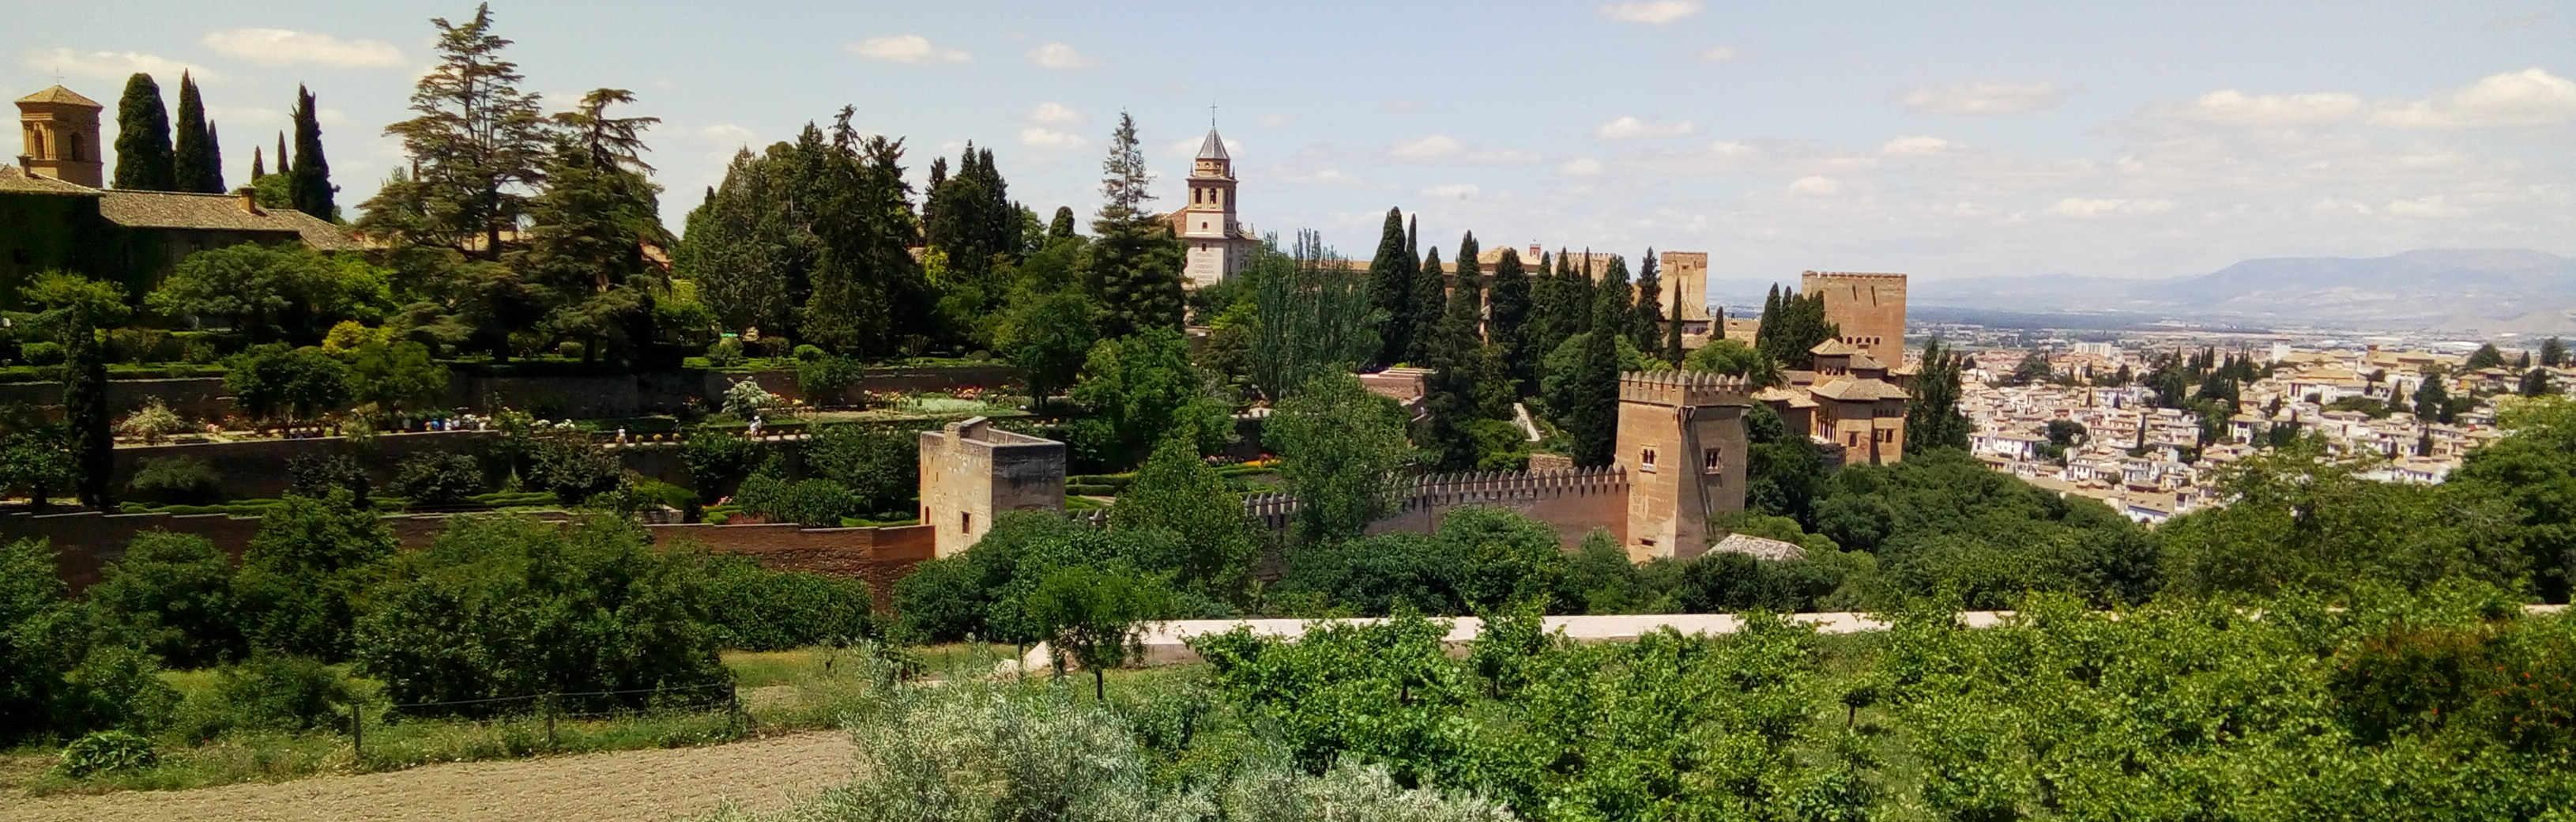 Foto de huertas y jardines, en el fondo murallas, torres, el campanario de una iglesia y el tejado de un edificio al izquierda, mientras que a la derecha al fondo se ven casas blancas apiñadas en la lejanía